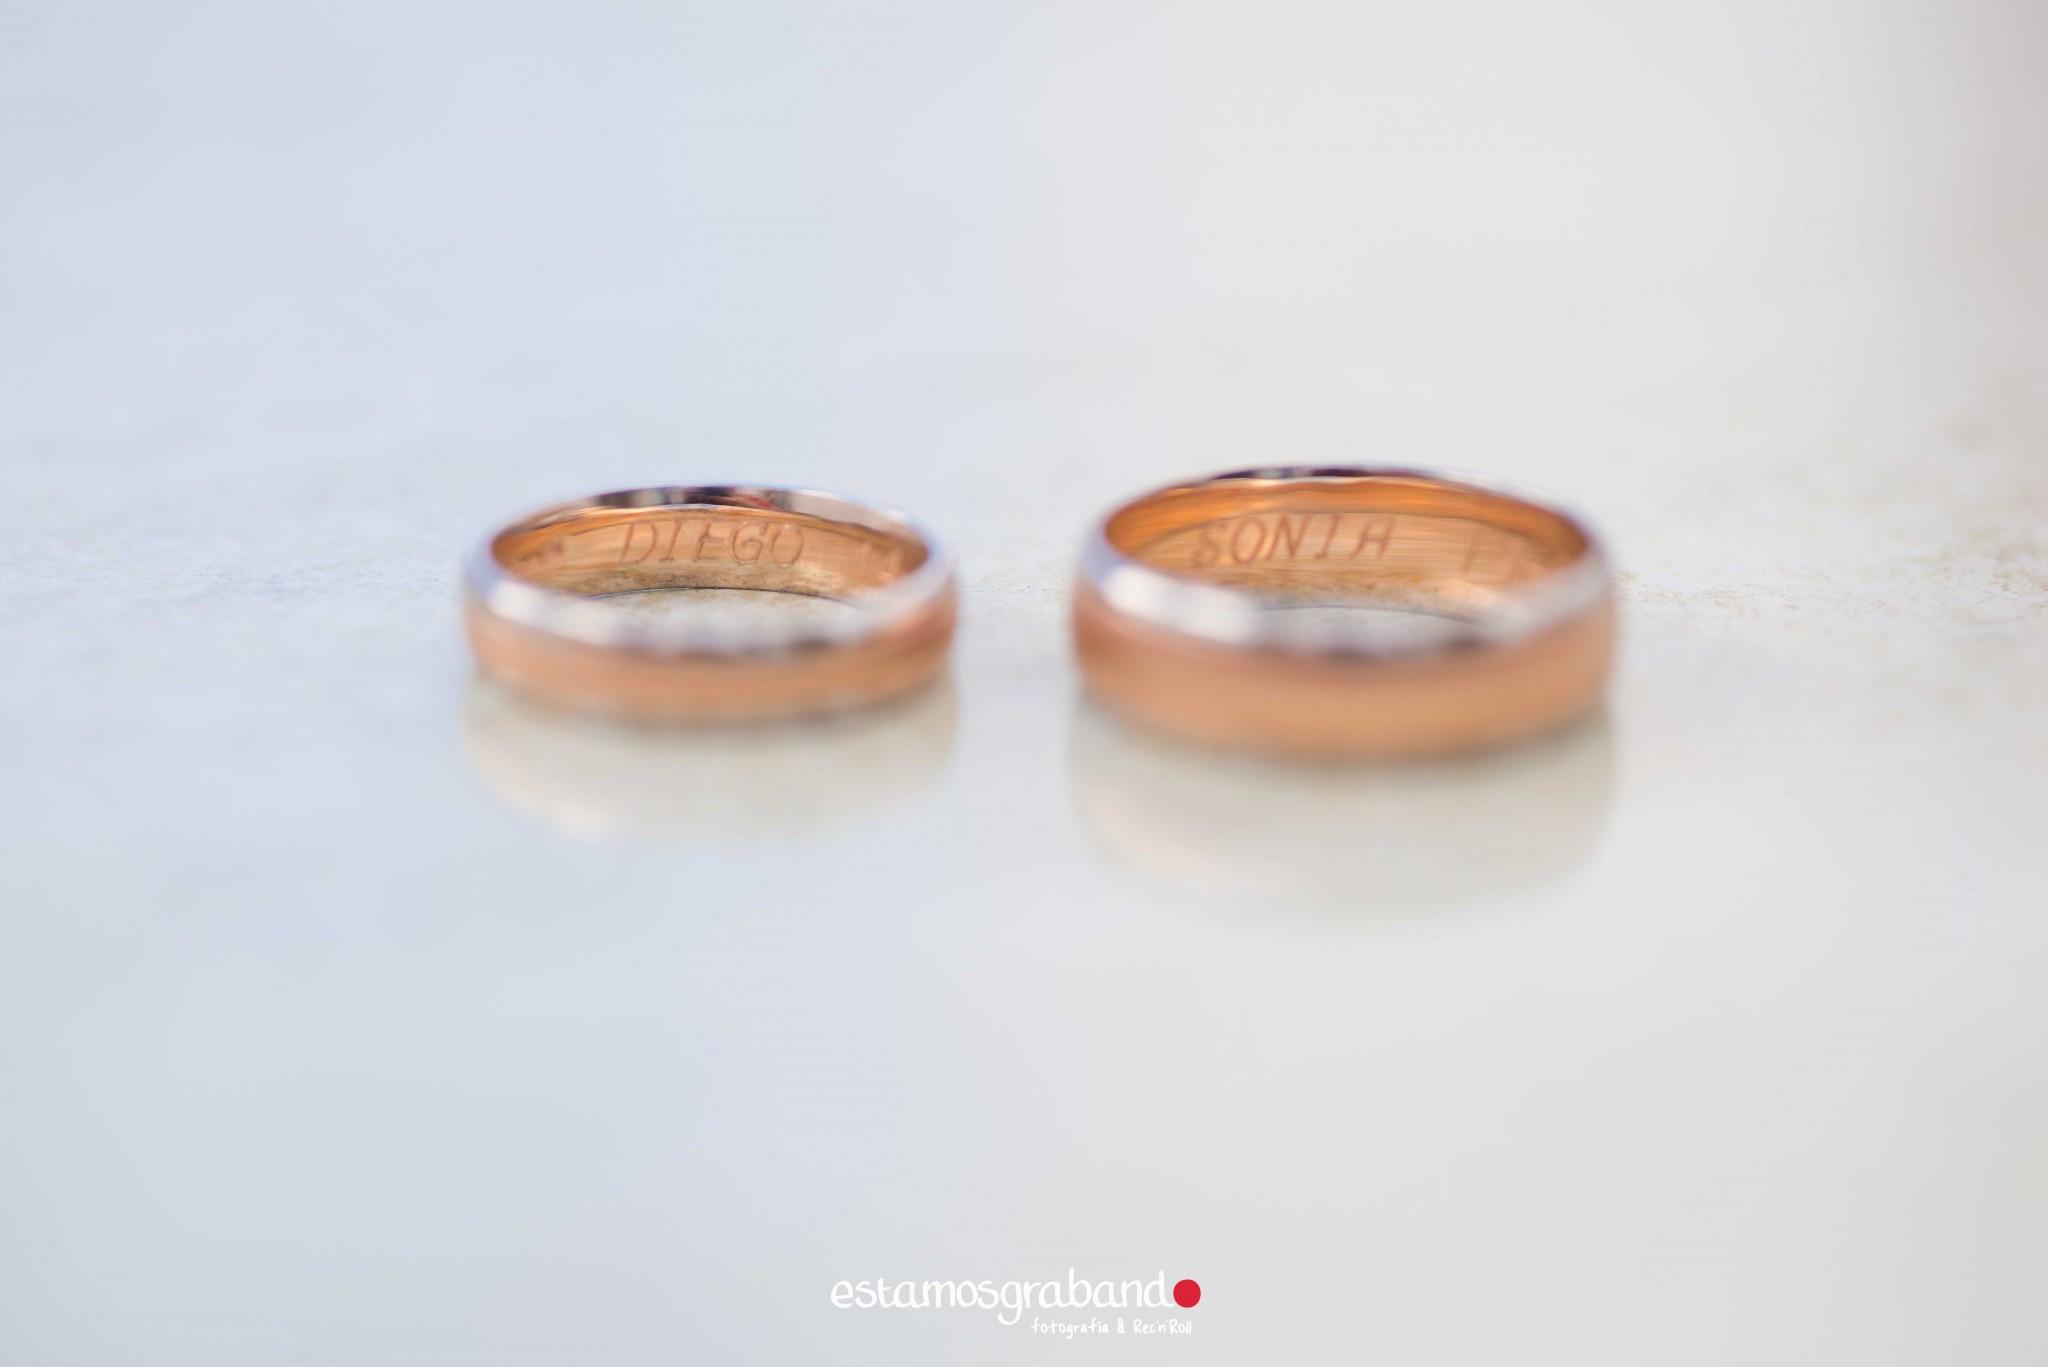 boda-en-chiclana_sonia-y-diego_fotograficc81a-de-boda-13 Zahara Sonia + Diego [Fotografía de Boda en Zahara] - video boda cadiz